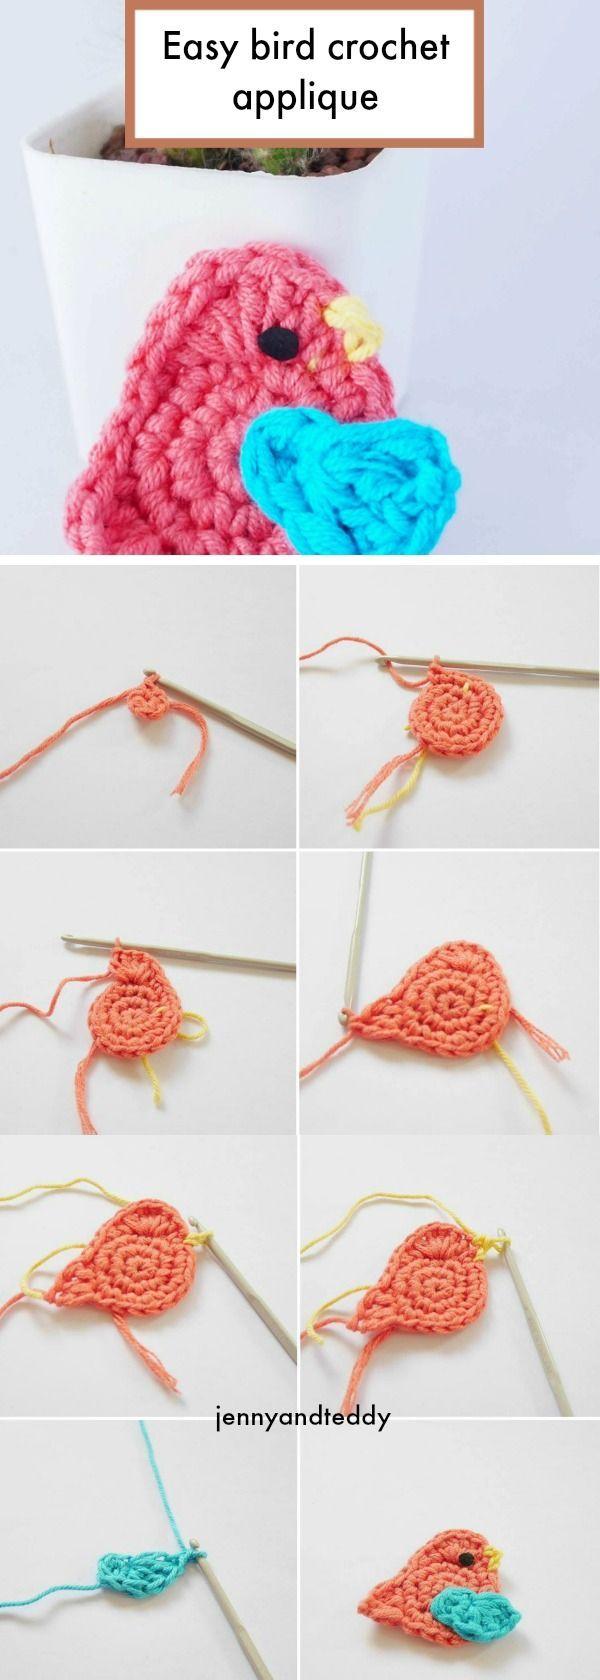 Mejores 140 imágenes de Knit/crochet projects en Pinterest ...